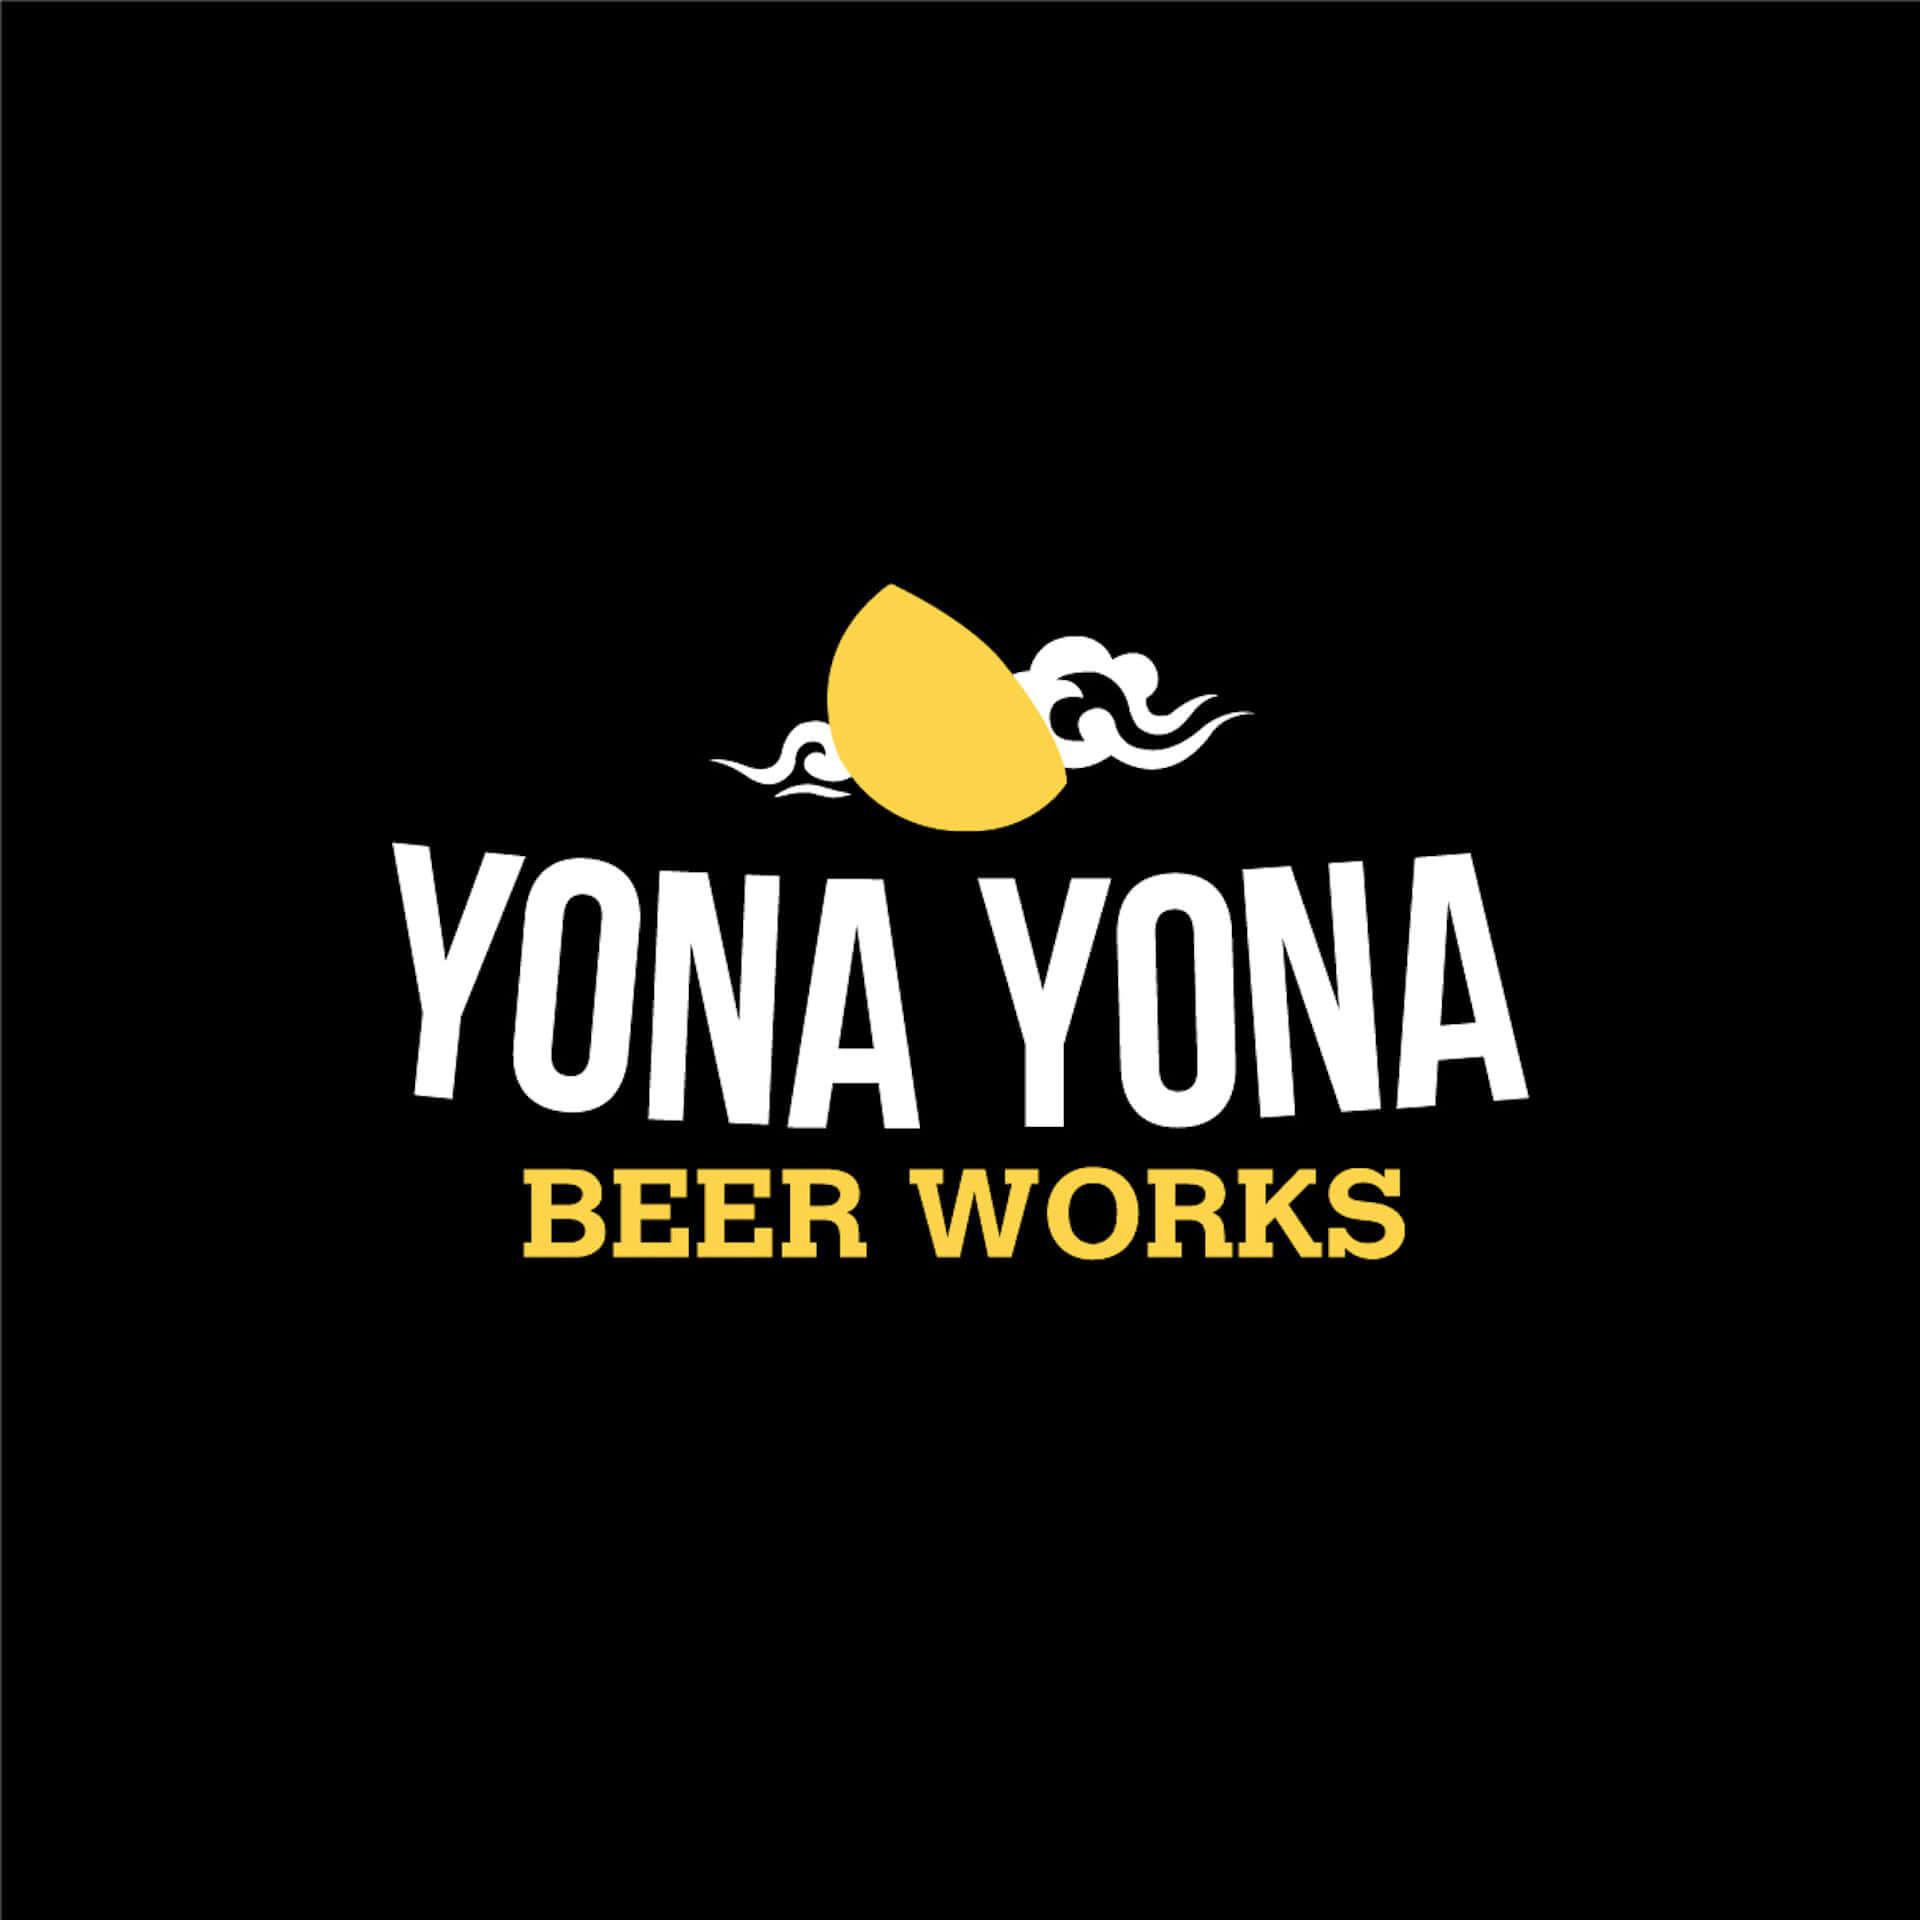 『水曜日のネコ』や『インドの青鬼』が期間限定で貰える!よなよなエール公式ビアレストランでテイクアウト販売が開始 gourmet200326_yonayona_beerworks_3-1920x1920